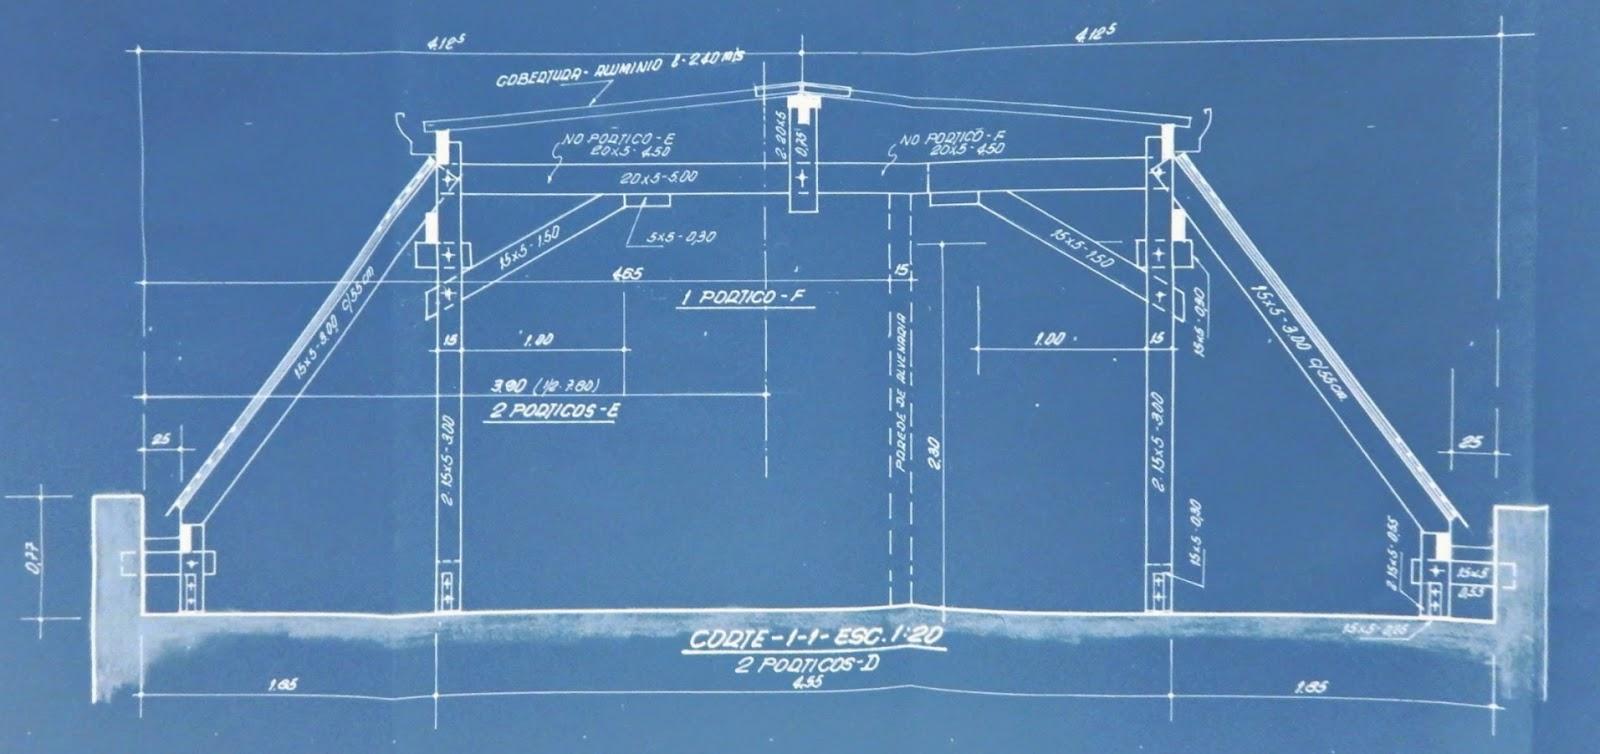 Detalhamento em corte de cobertura que usa telhas laterais de pedras piçarras importadas da Espanha.